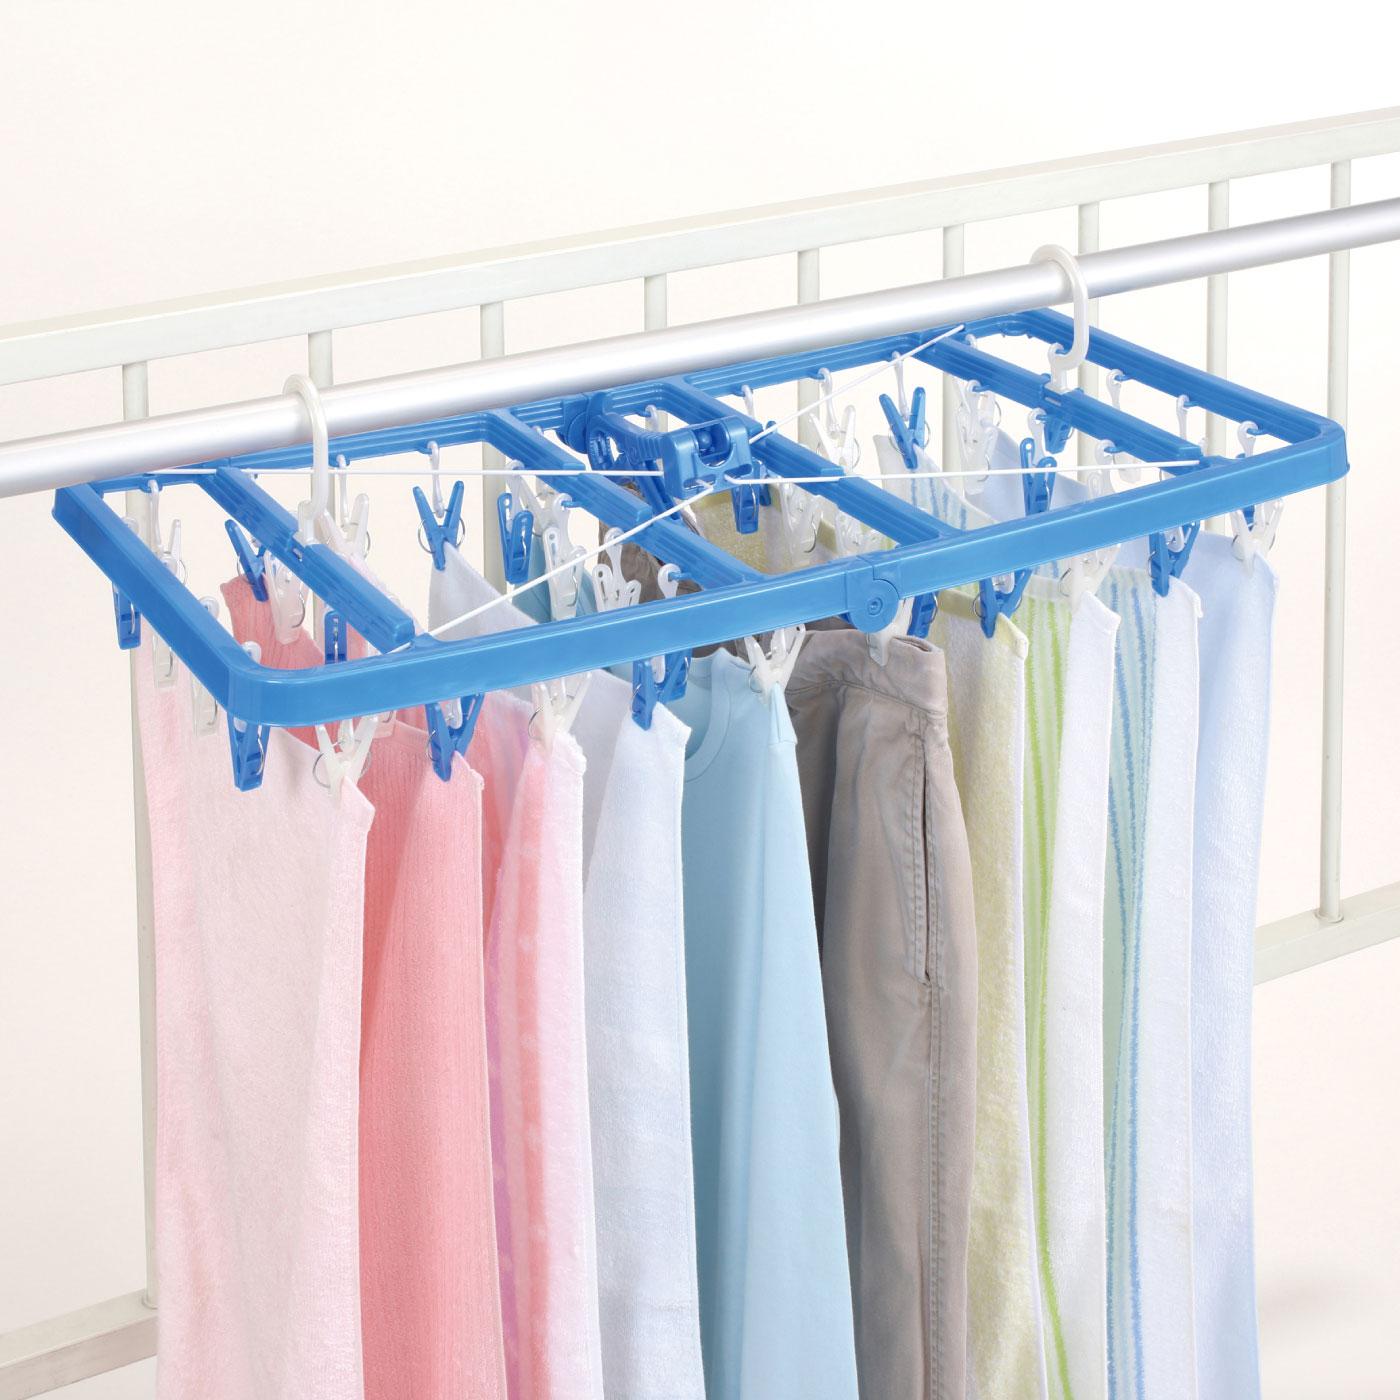 低い位置の竿に便利! 丈の長い洗濯物も干しやすい SLA